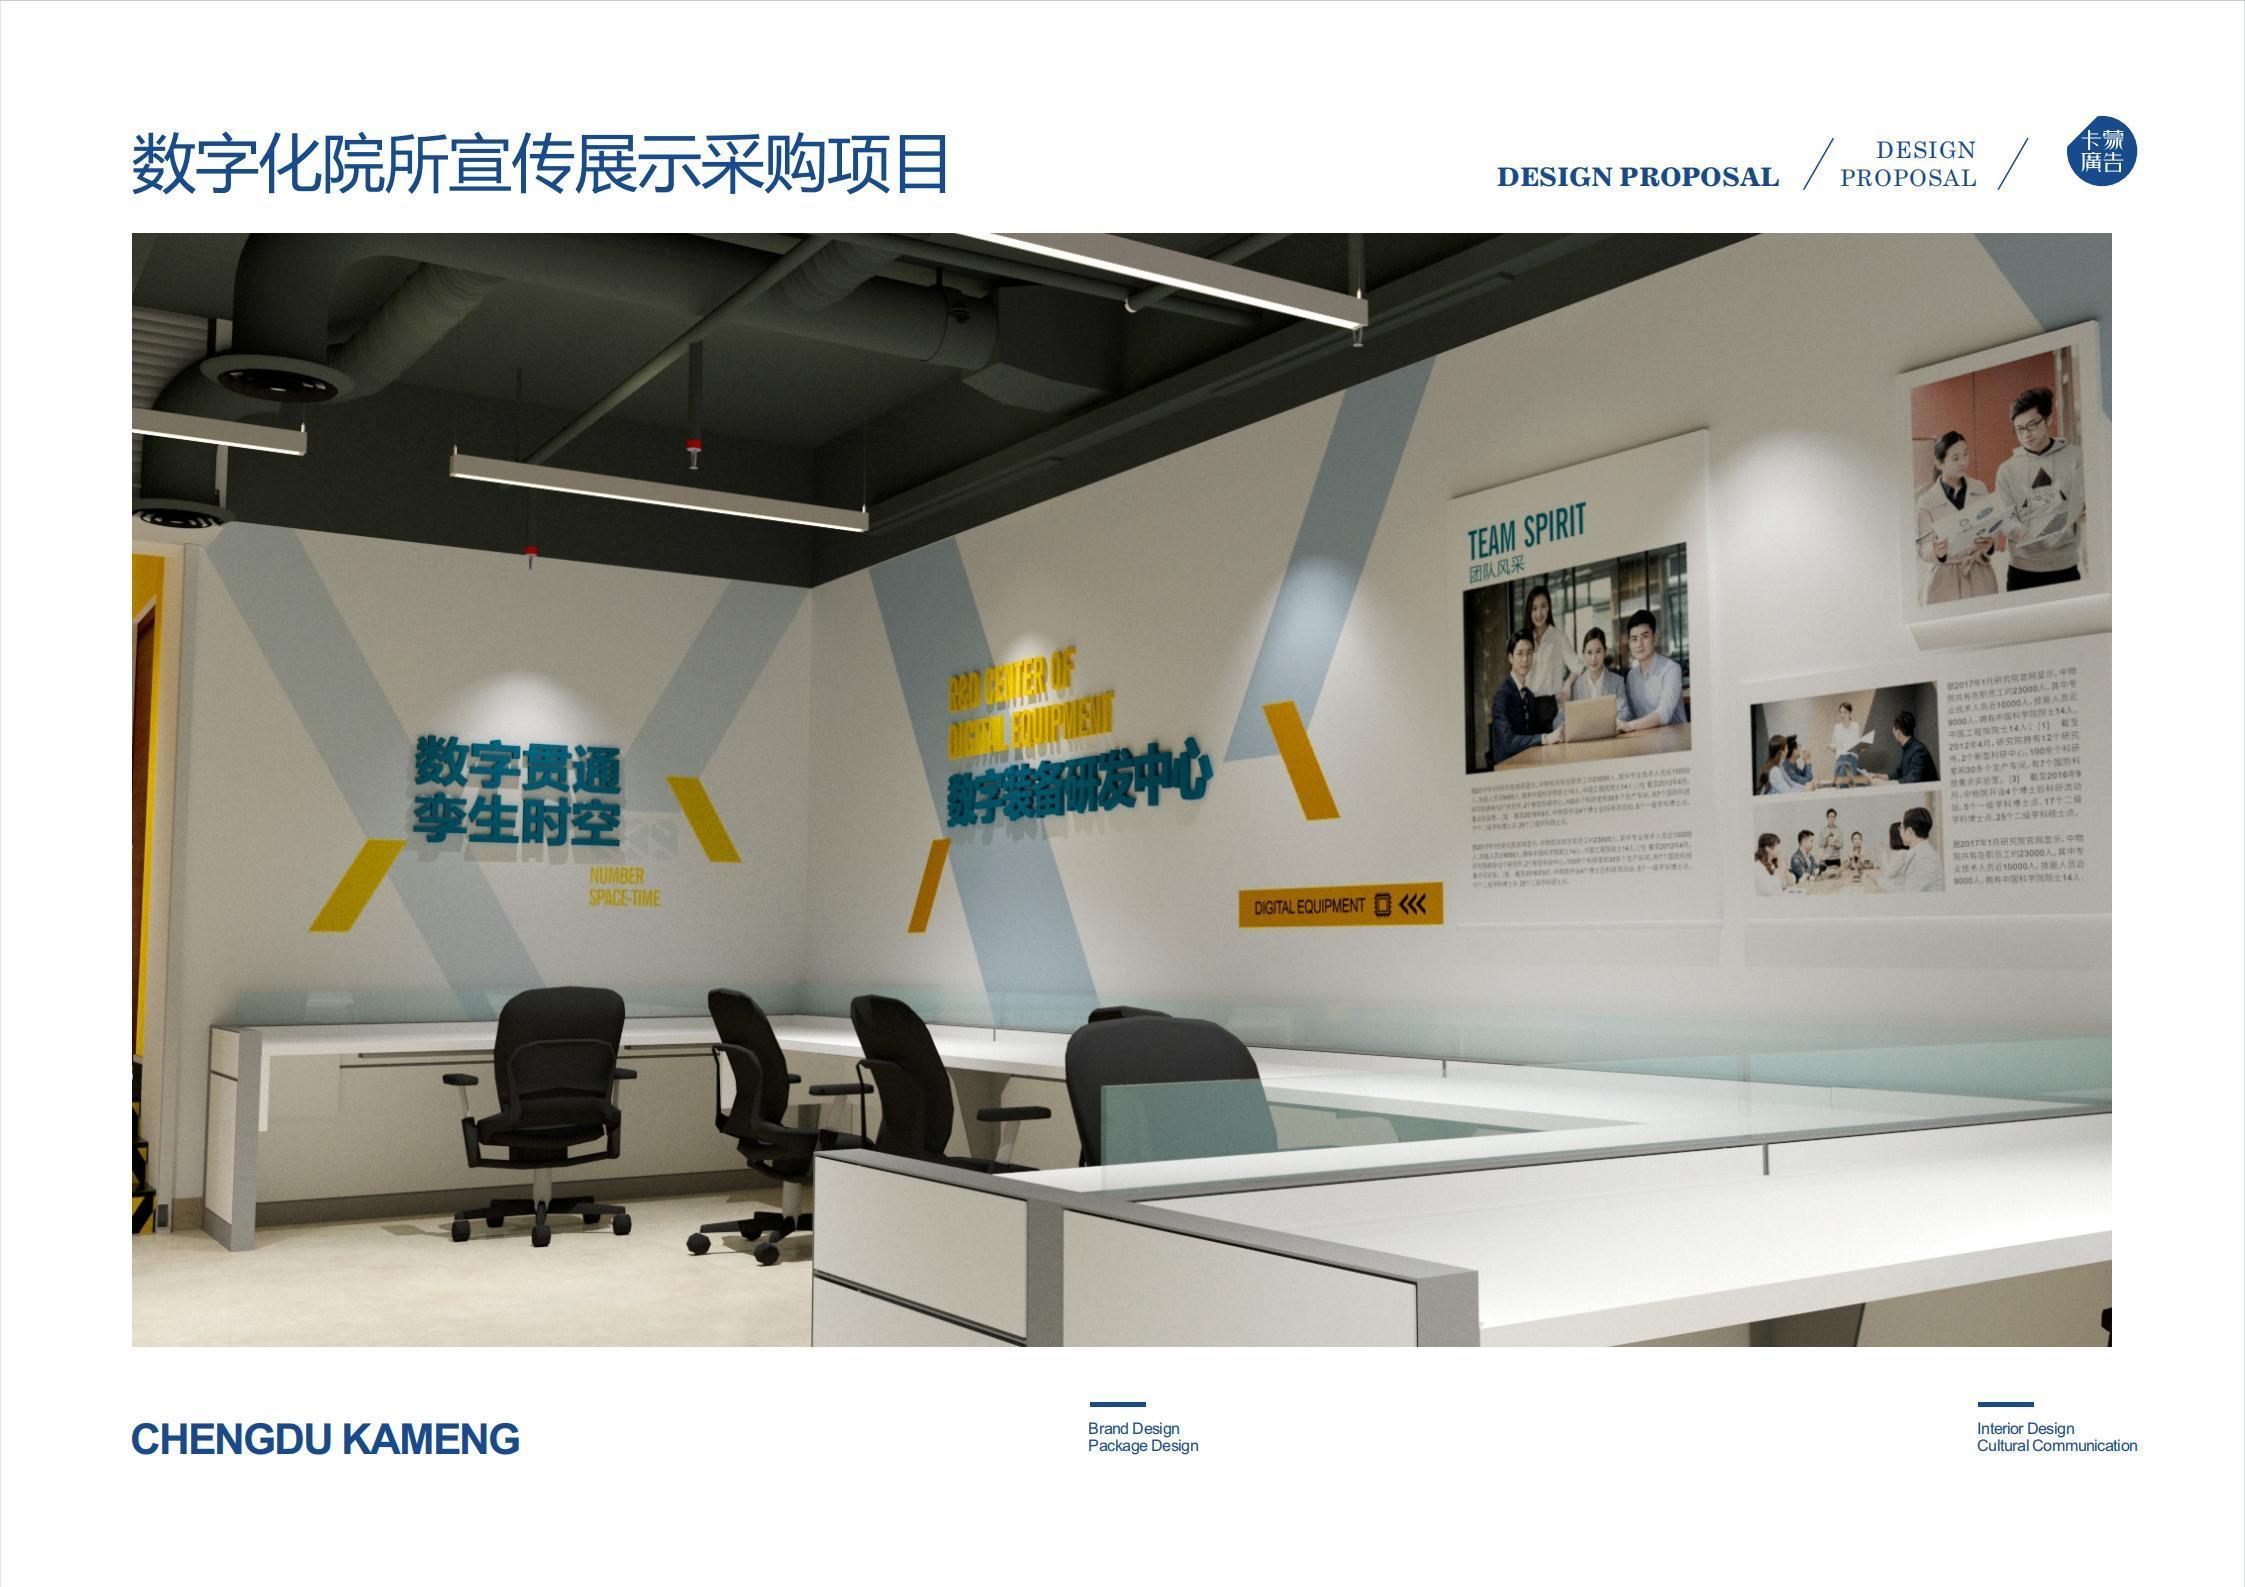 数字化院所宣传展示采购项目设计方案